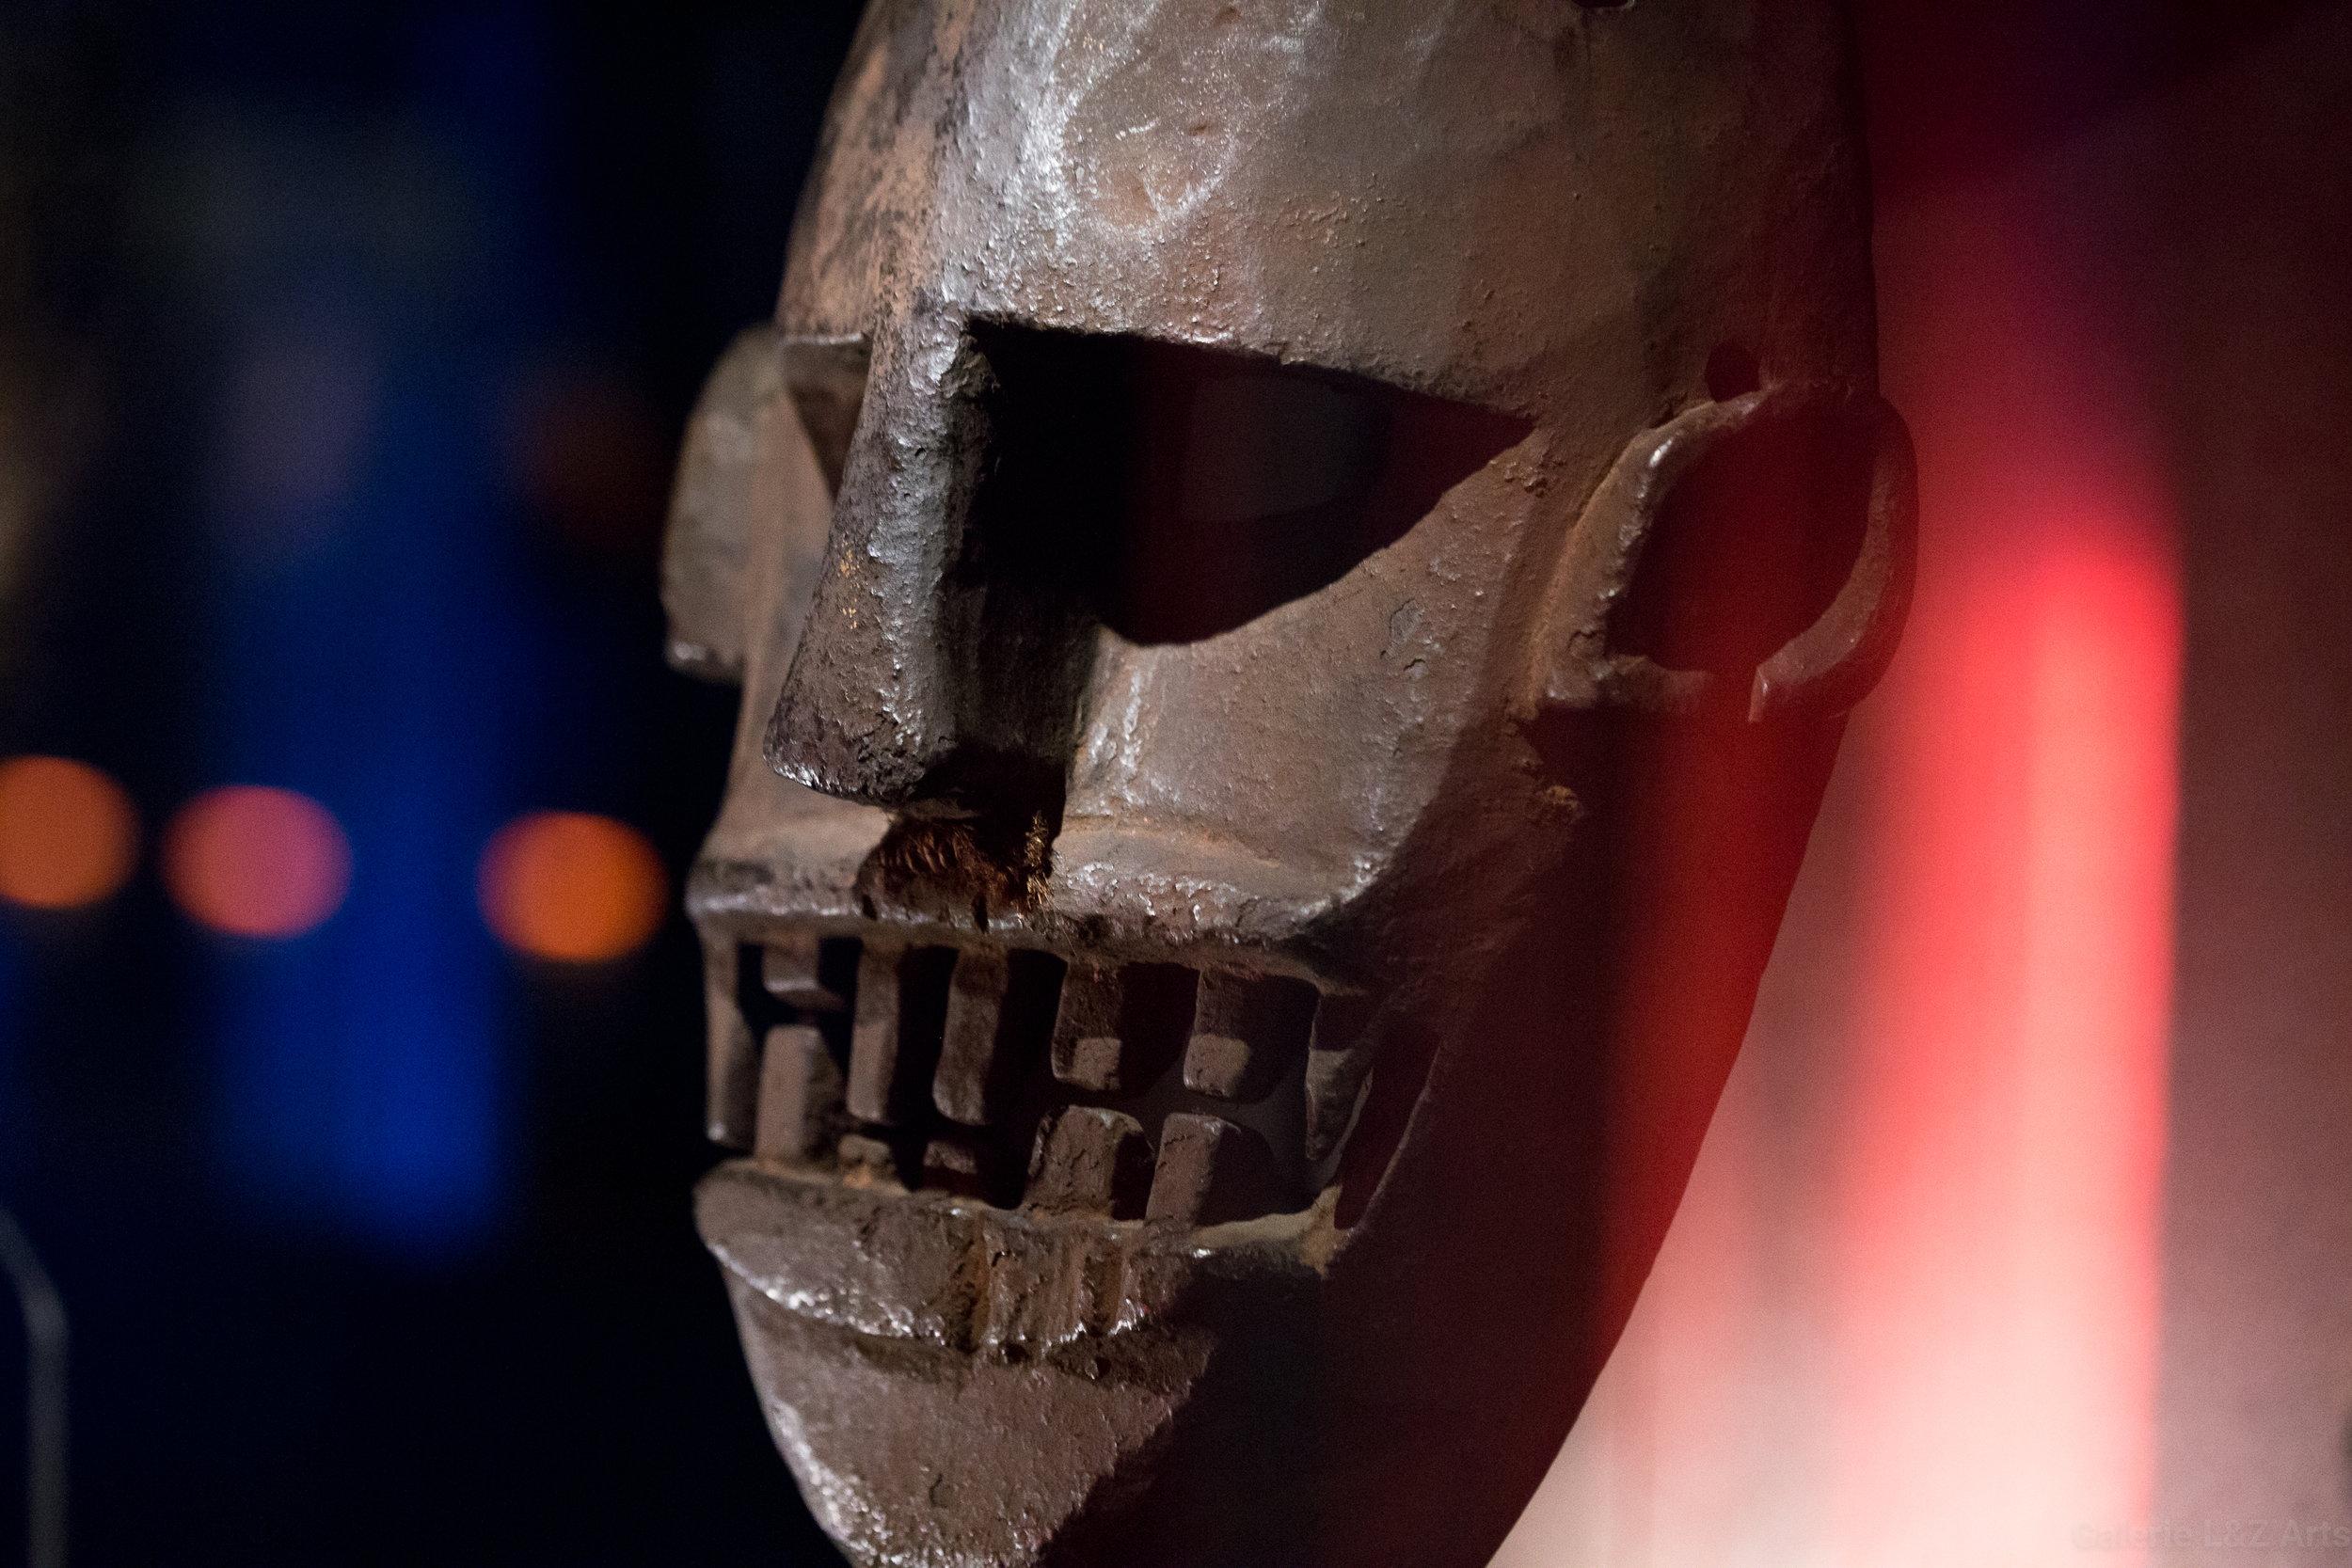 exposition-masque-art-tribal-africain-musee-quai-branly-belgique-galerie-lz-arts-liege-cite-miroir-oceanie-asie-japon-amerique-art-premier-nepal-42.jpg